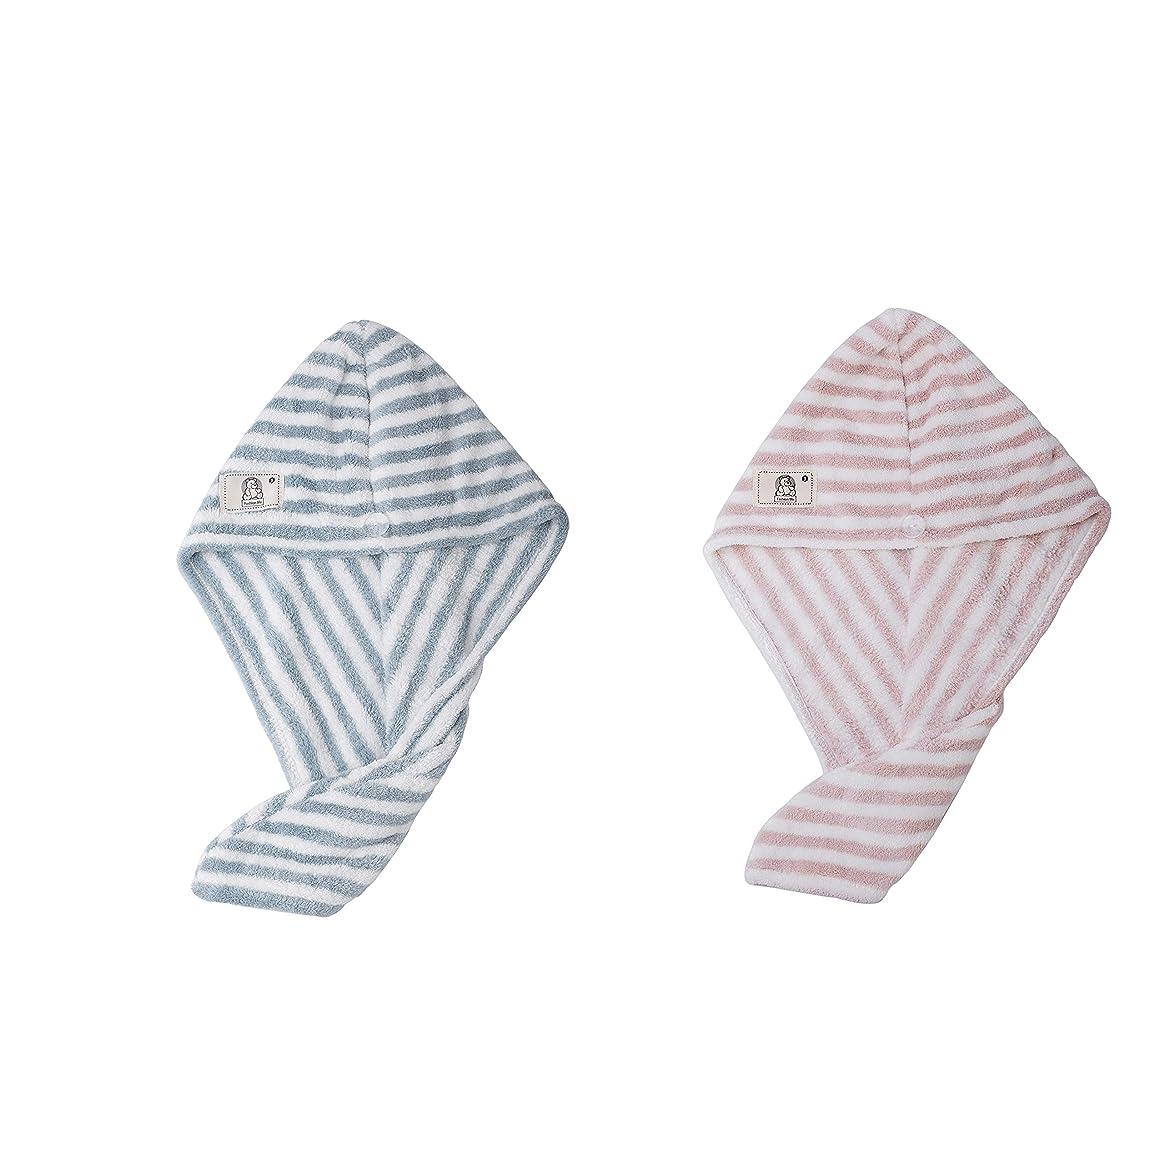 悩み期待する虫ヘアドライタオル 2色2枚セット 強い吸水性 速乾 抗菌防臭 シャワーキャップ タオルキャップ マイクロファイバー ふわふわ 人気 ストライプ 格安 アウトレット まとめ買い(Blue&Pink)